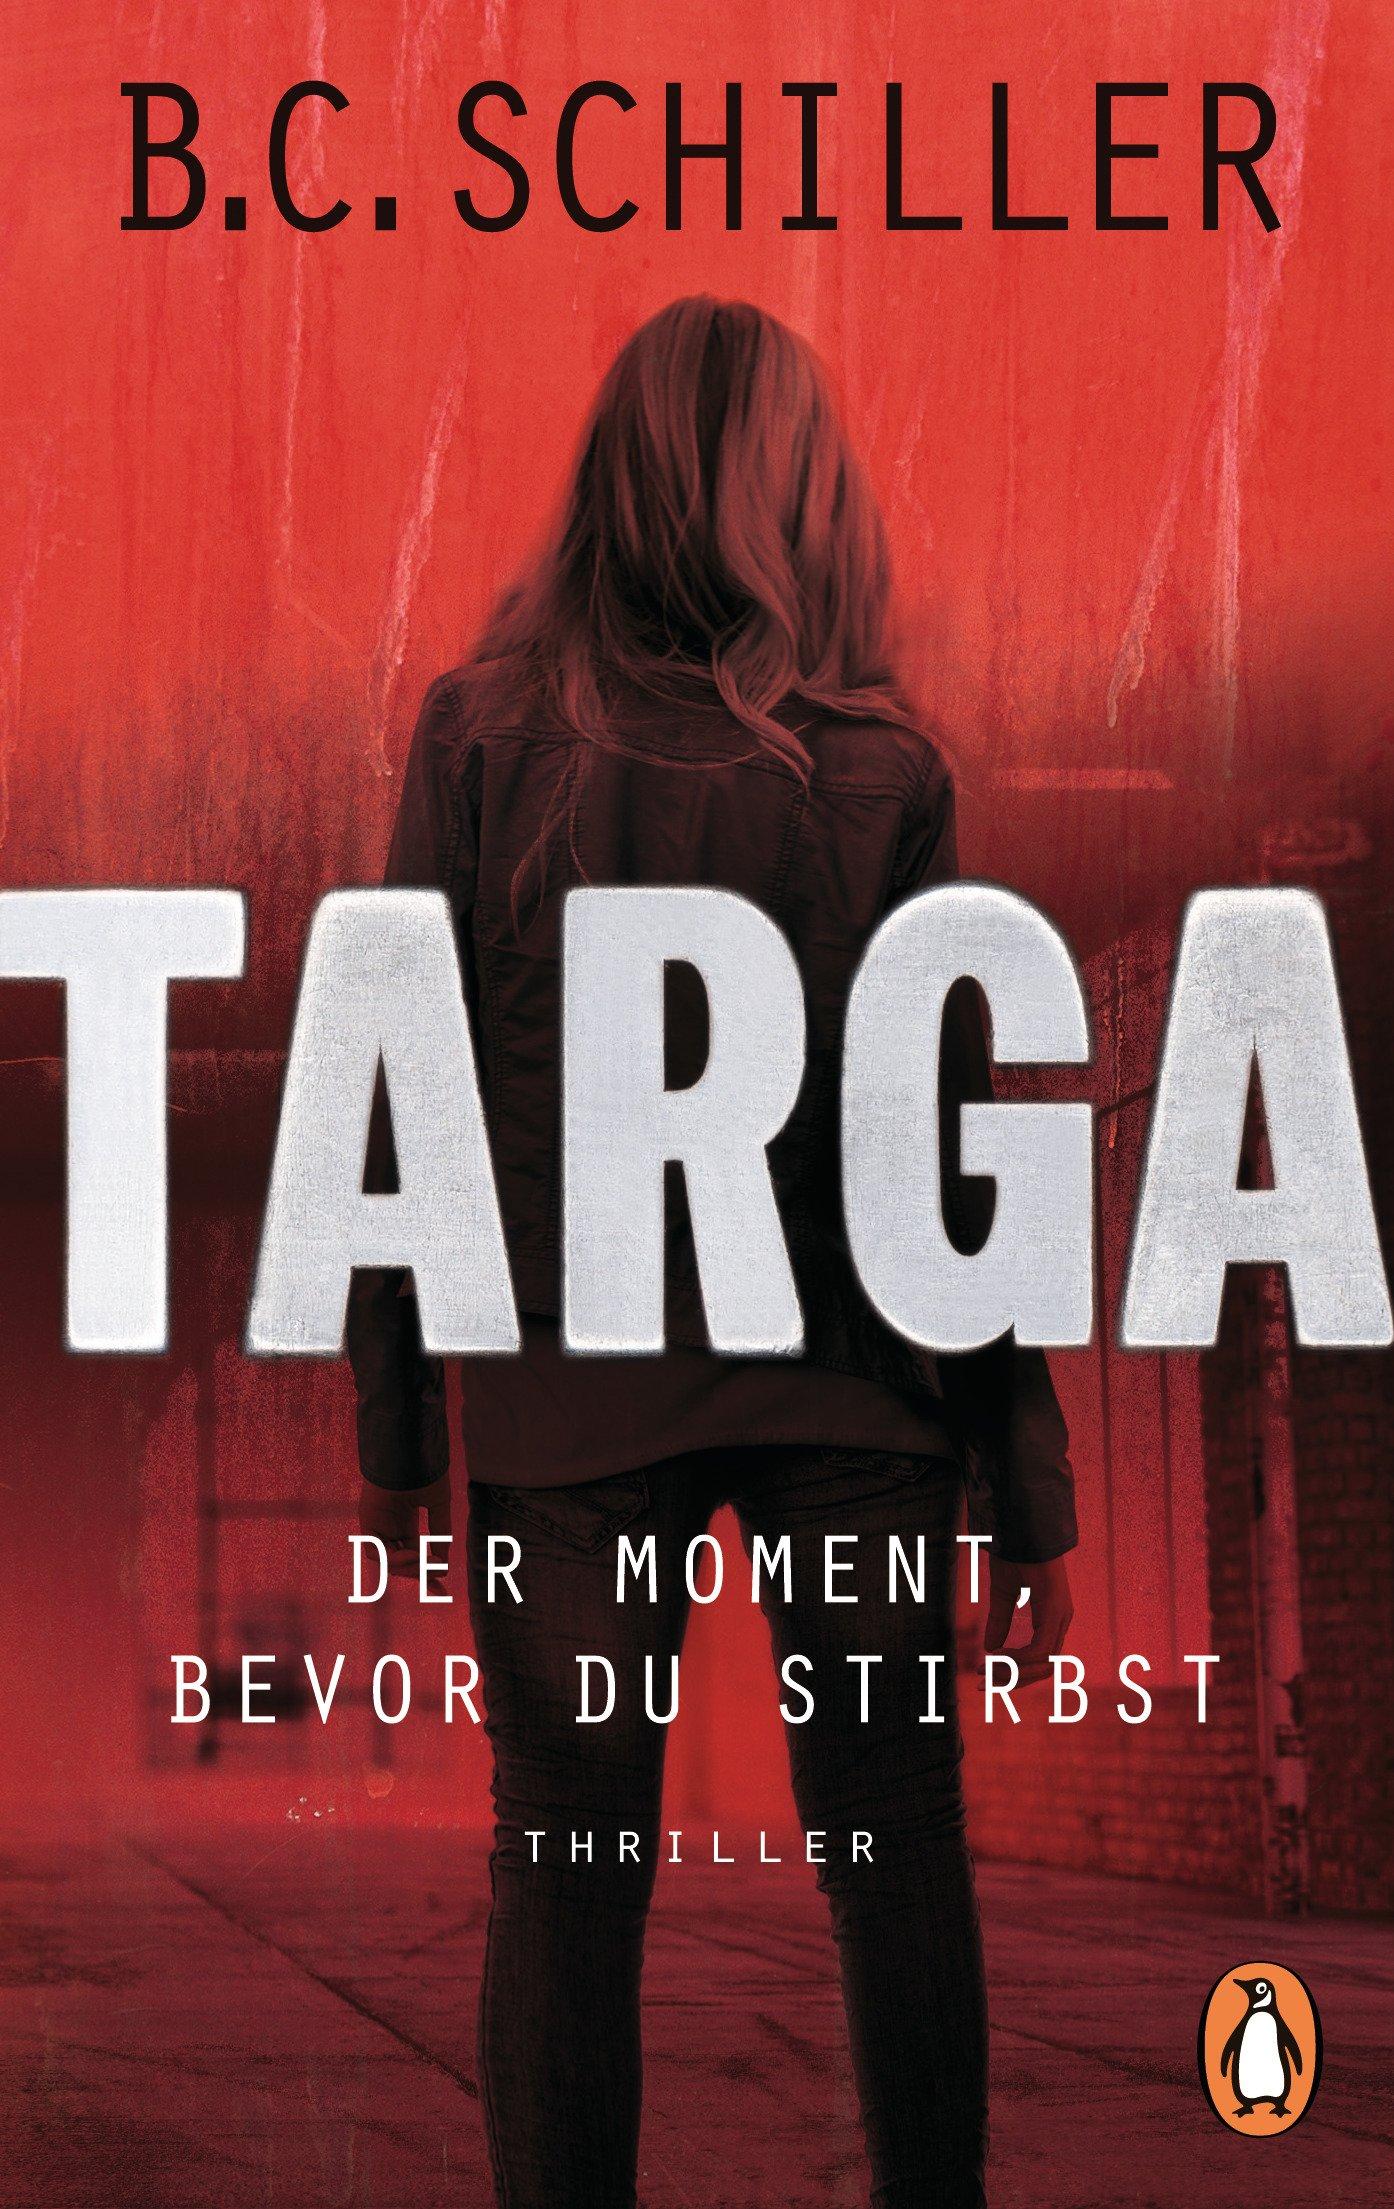 Targa - Der Moment, bevor du stirbst: Thriller - Ein Fall für Targa Hendricks (1)